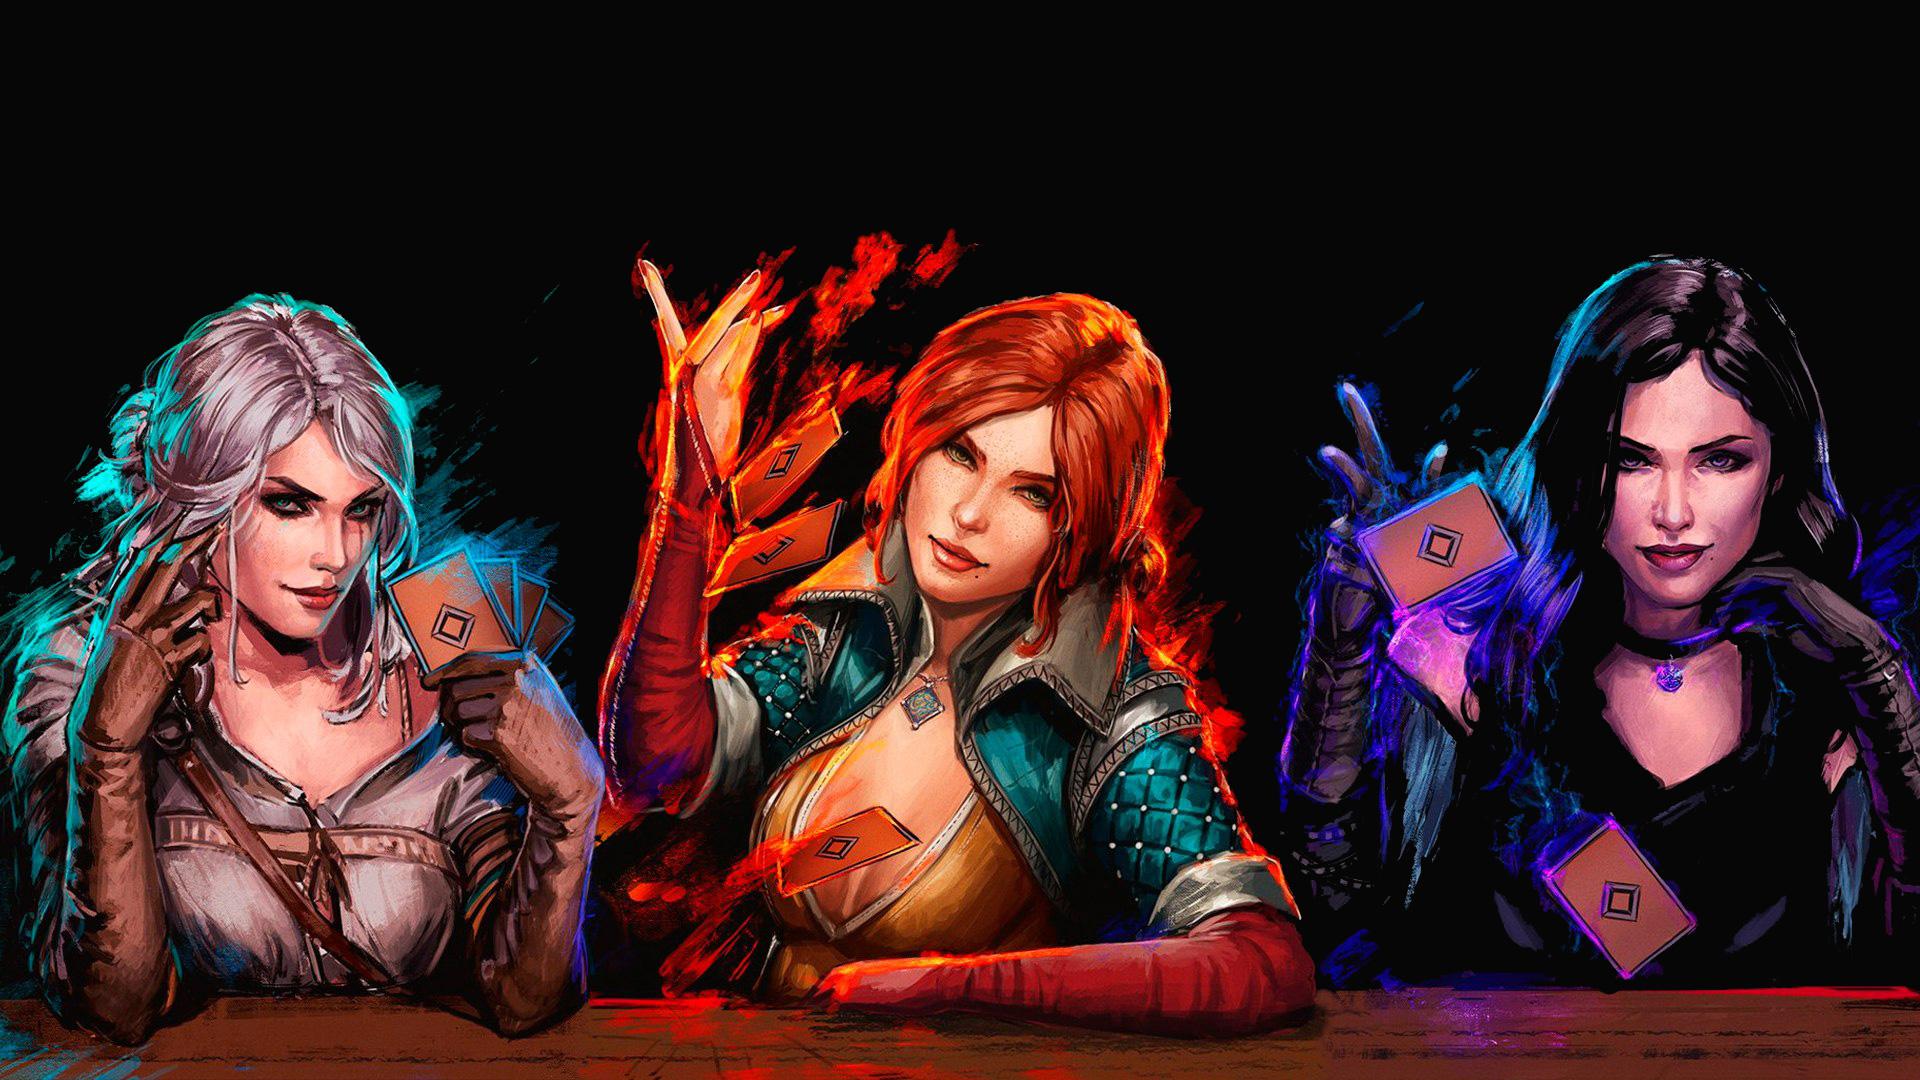 Wallpaper Fan Art 4k Pubattlegrounds: Gwent The Witcher Card Game Fan Art, HD Games, 4k